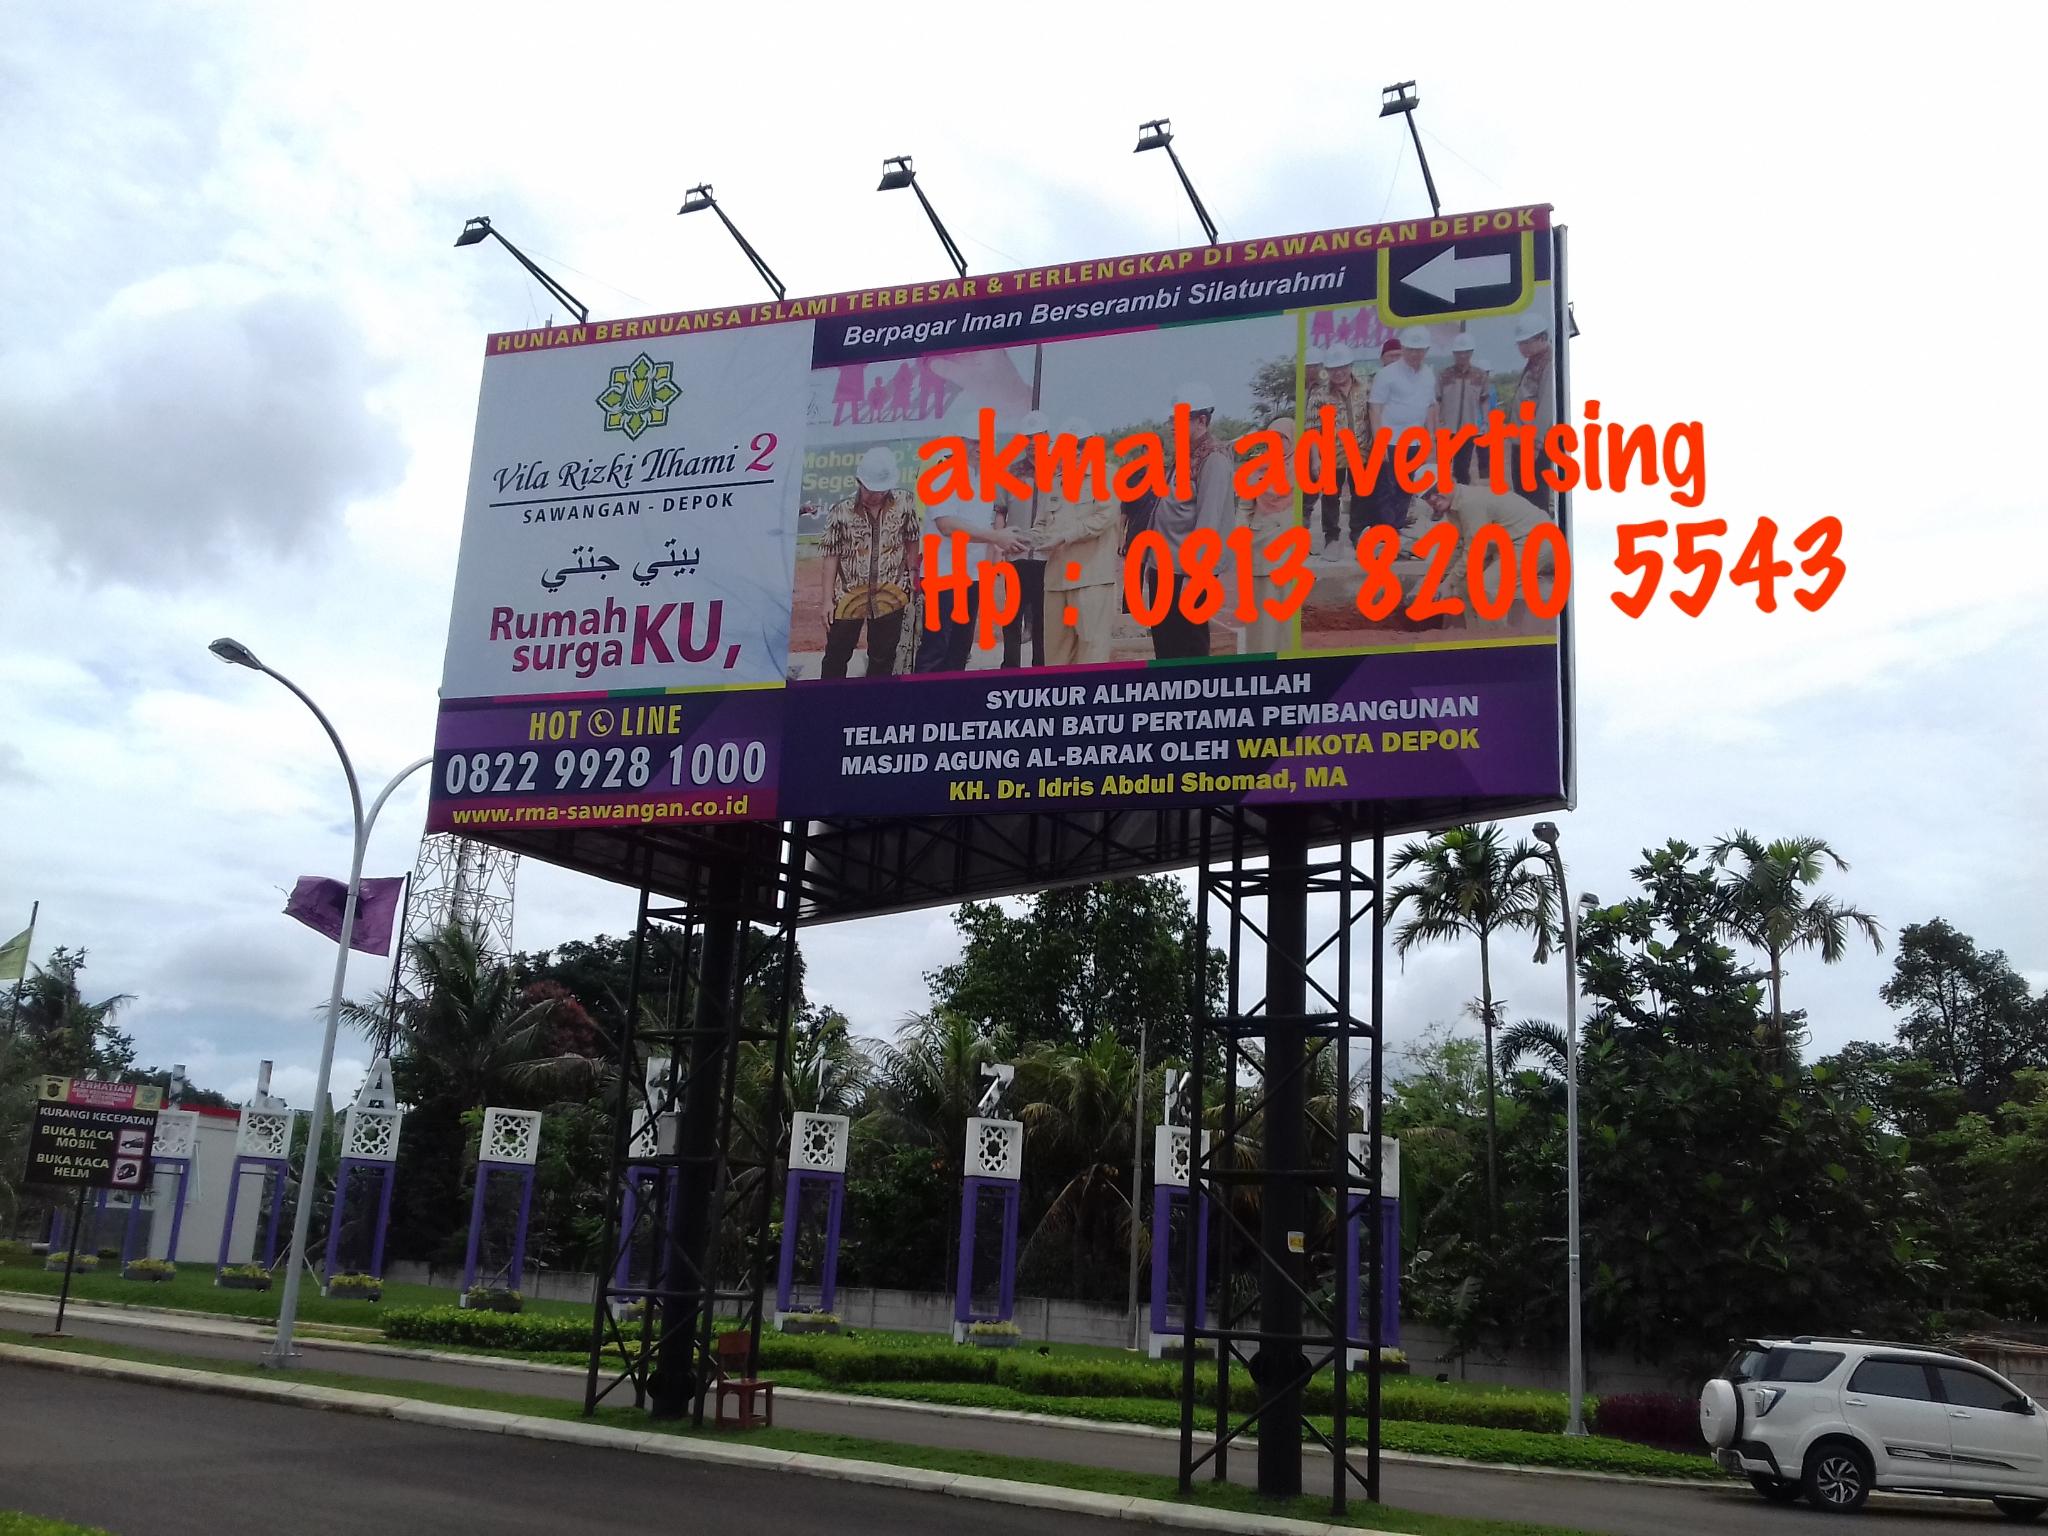 Billboard-di-karawang